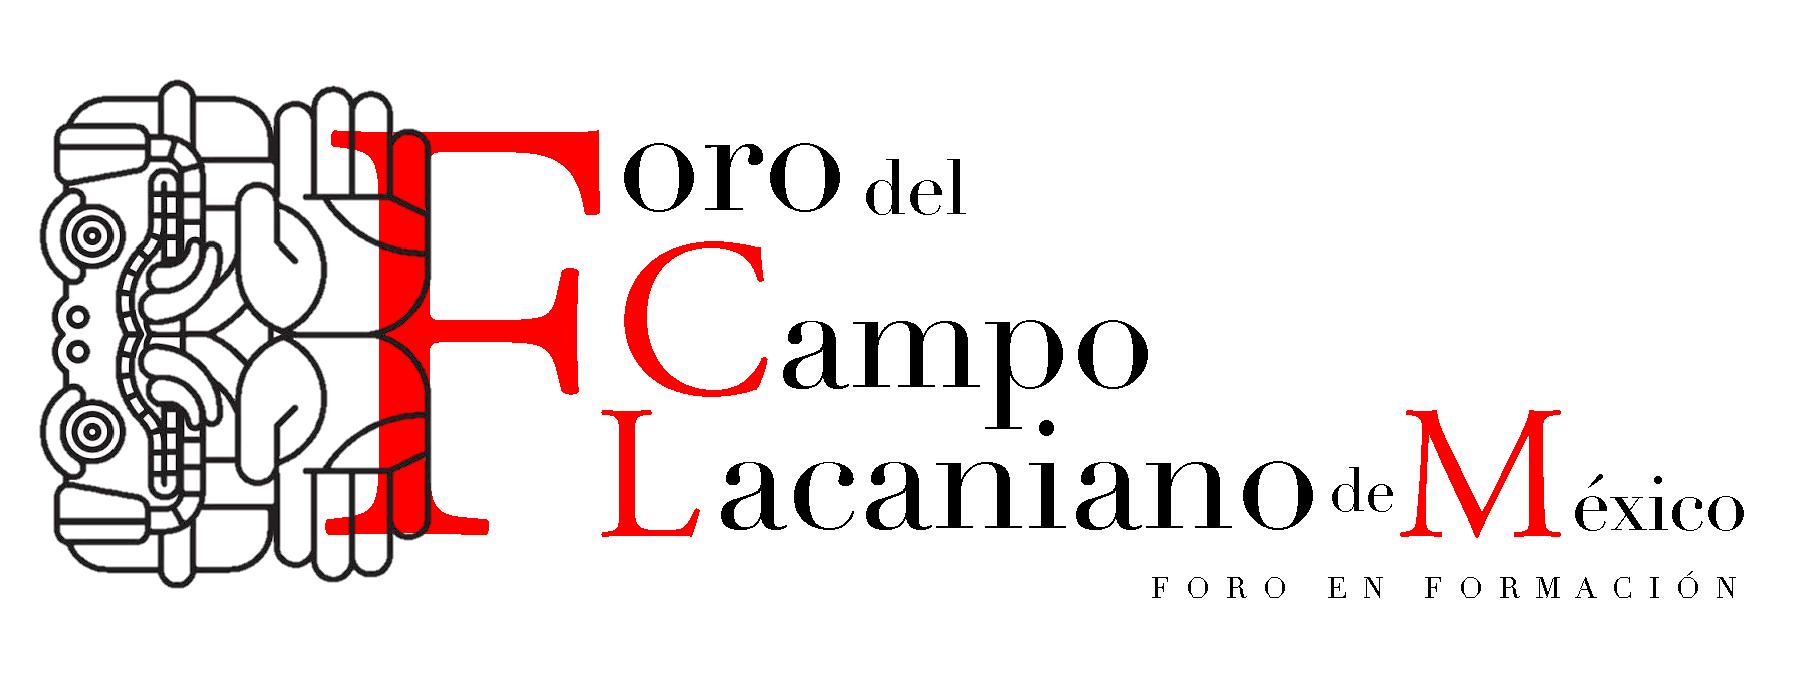 Foro del Campo Lacaniano de México